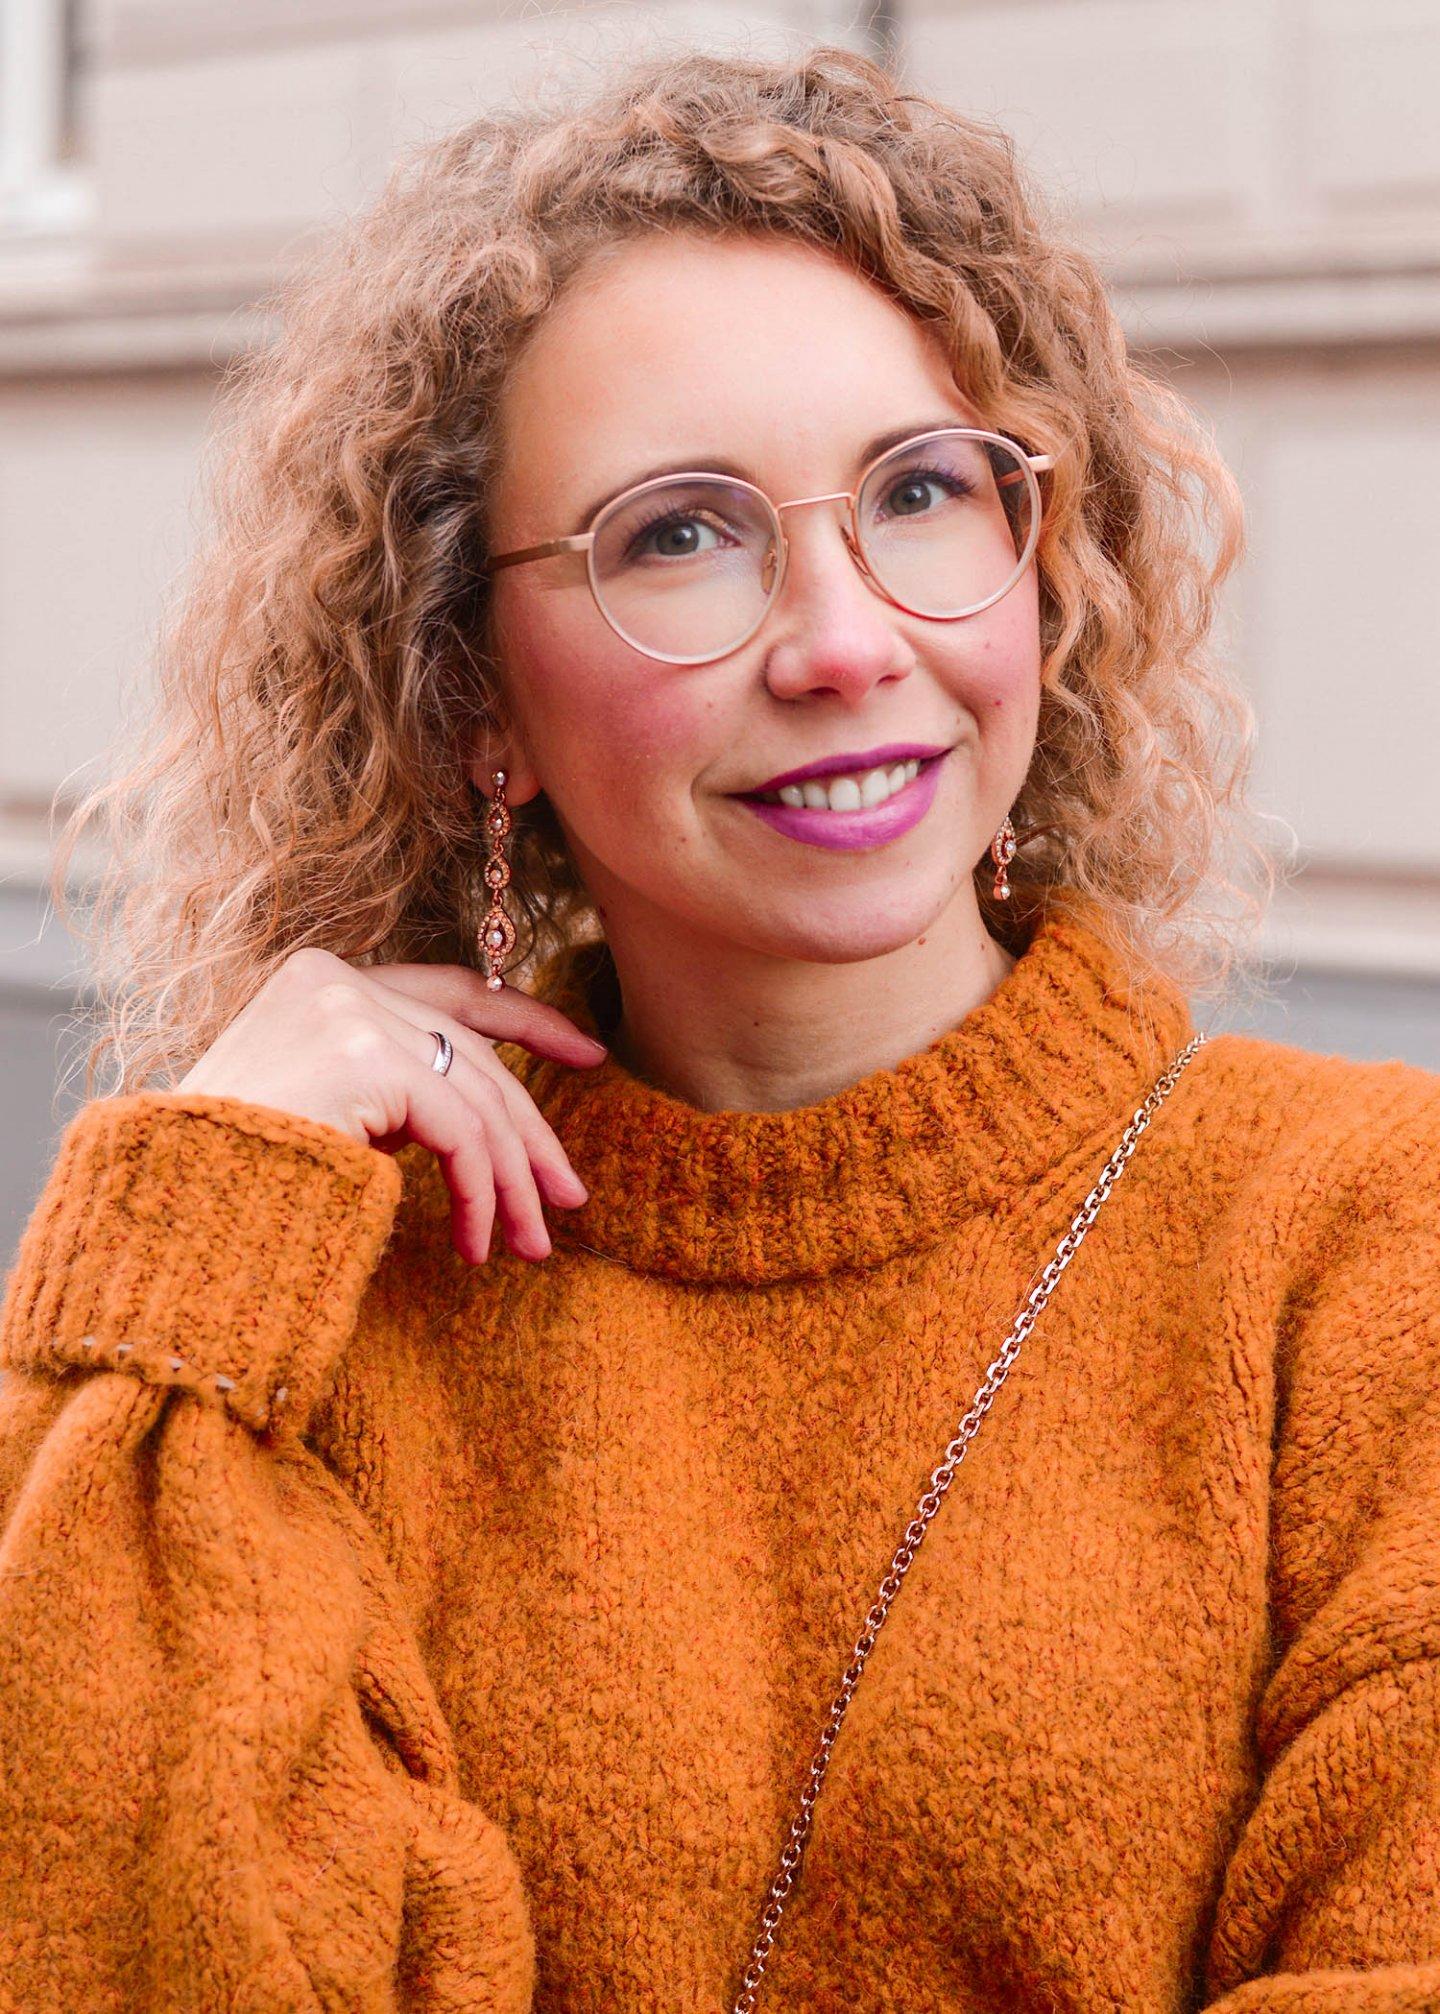 portraitfoto Kationette fashionblogger